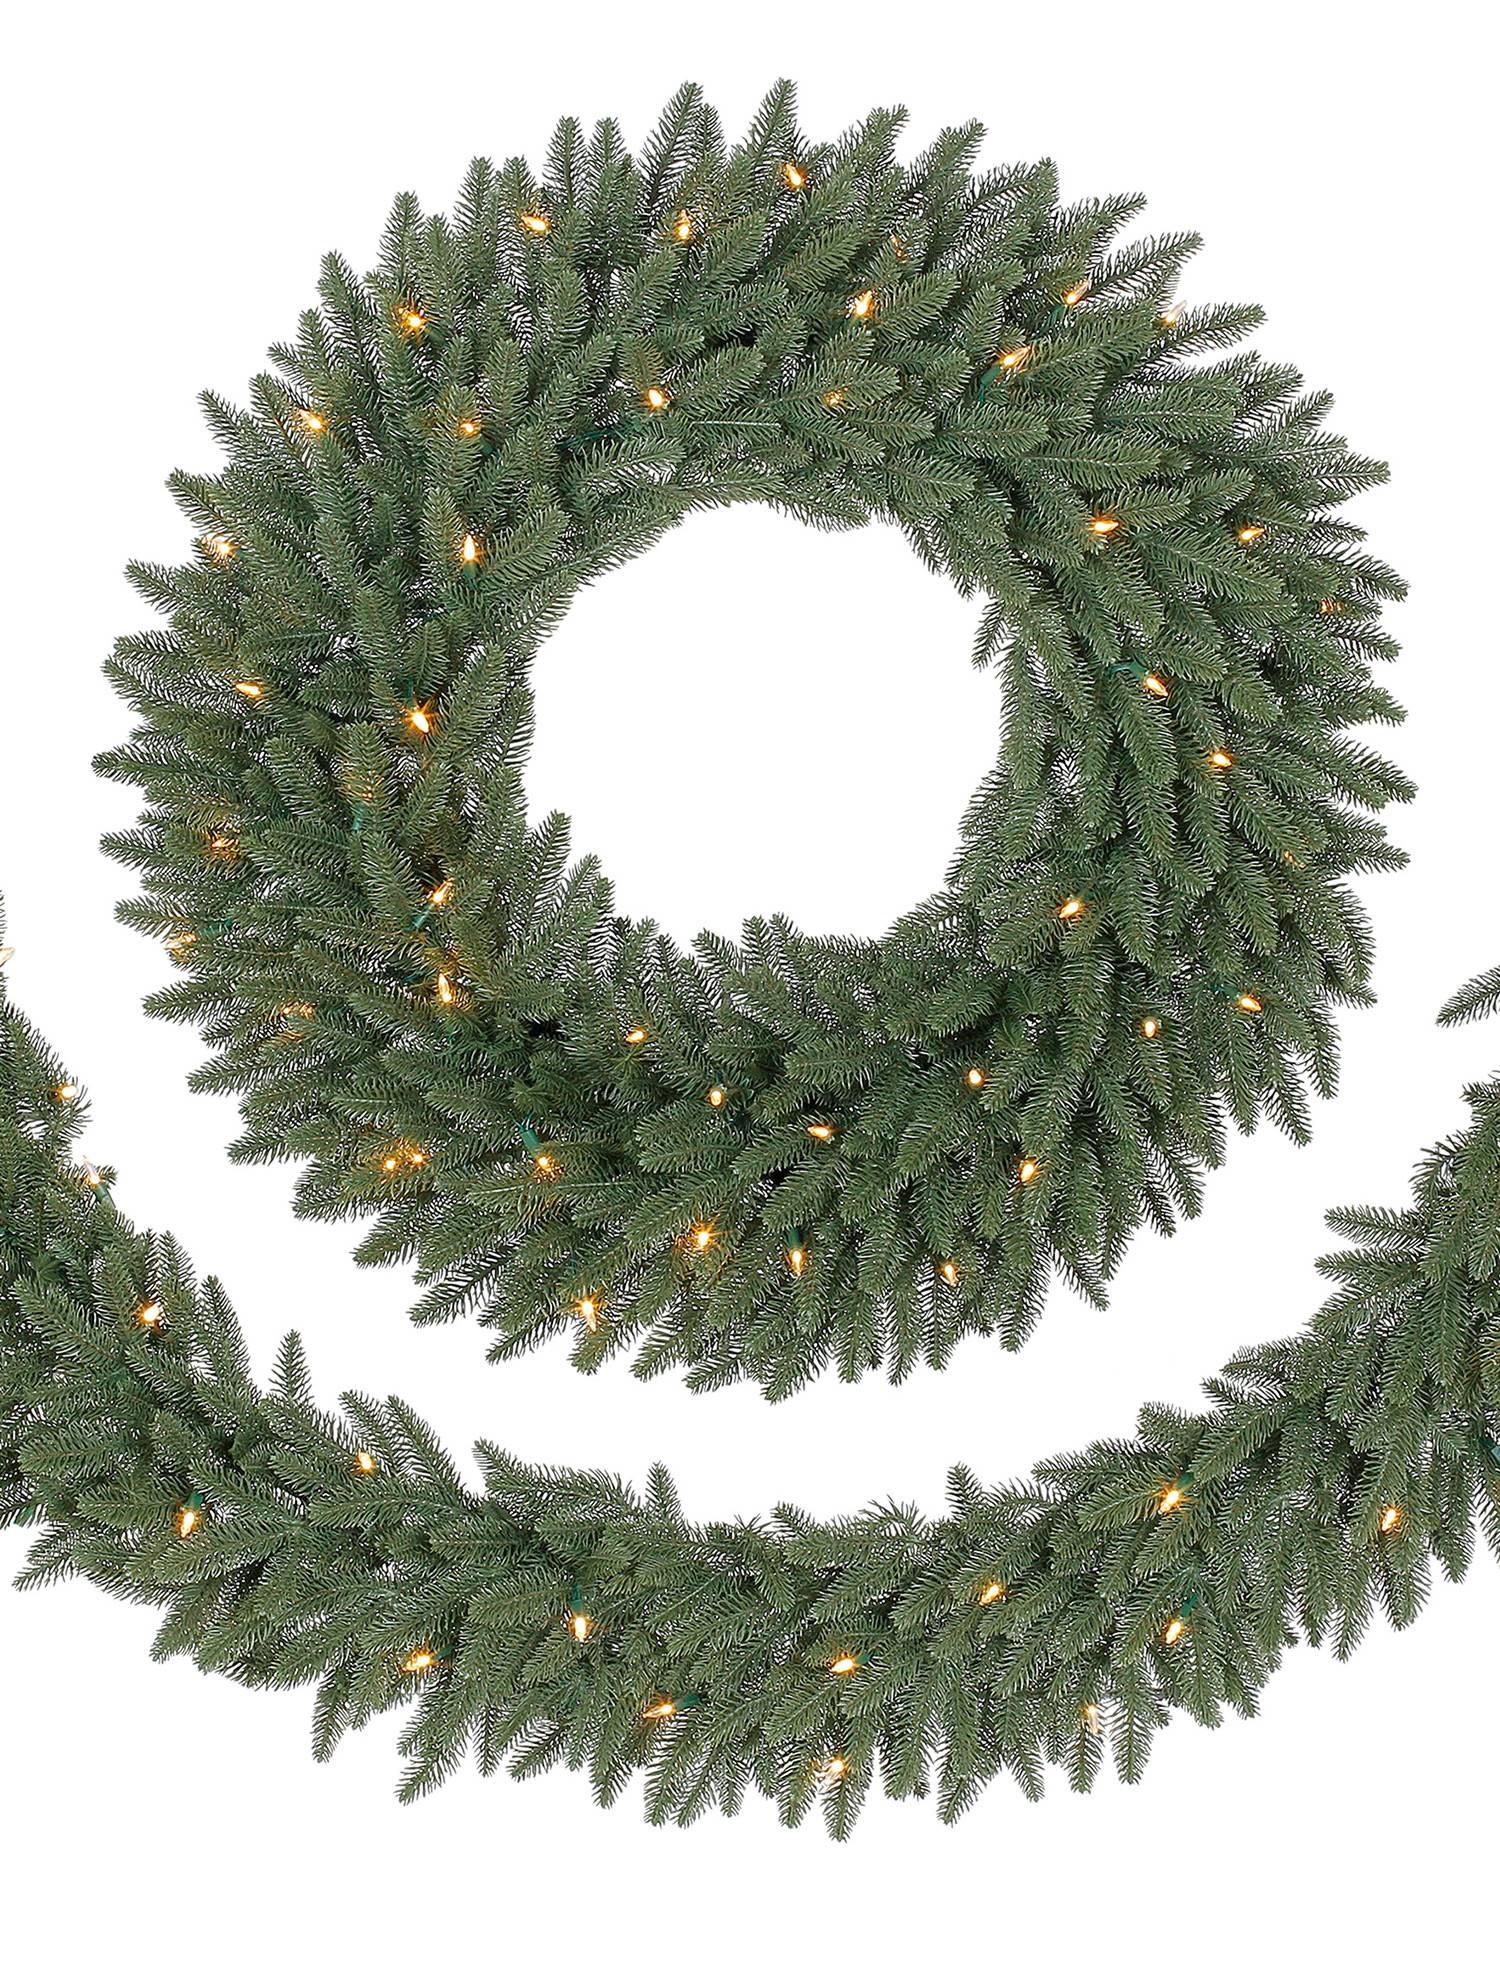 Nordmann Fir Artificial Christmas Tree | Balsam Hill